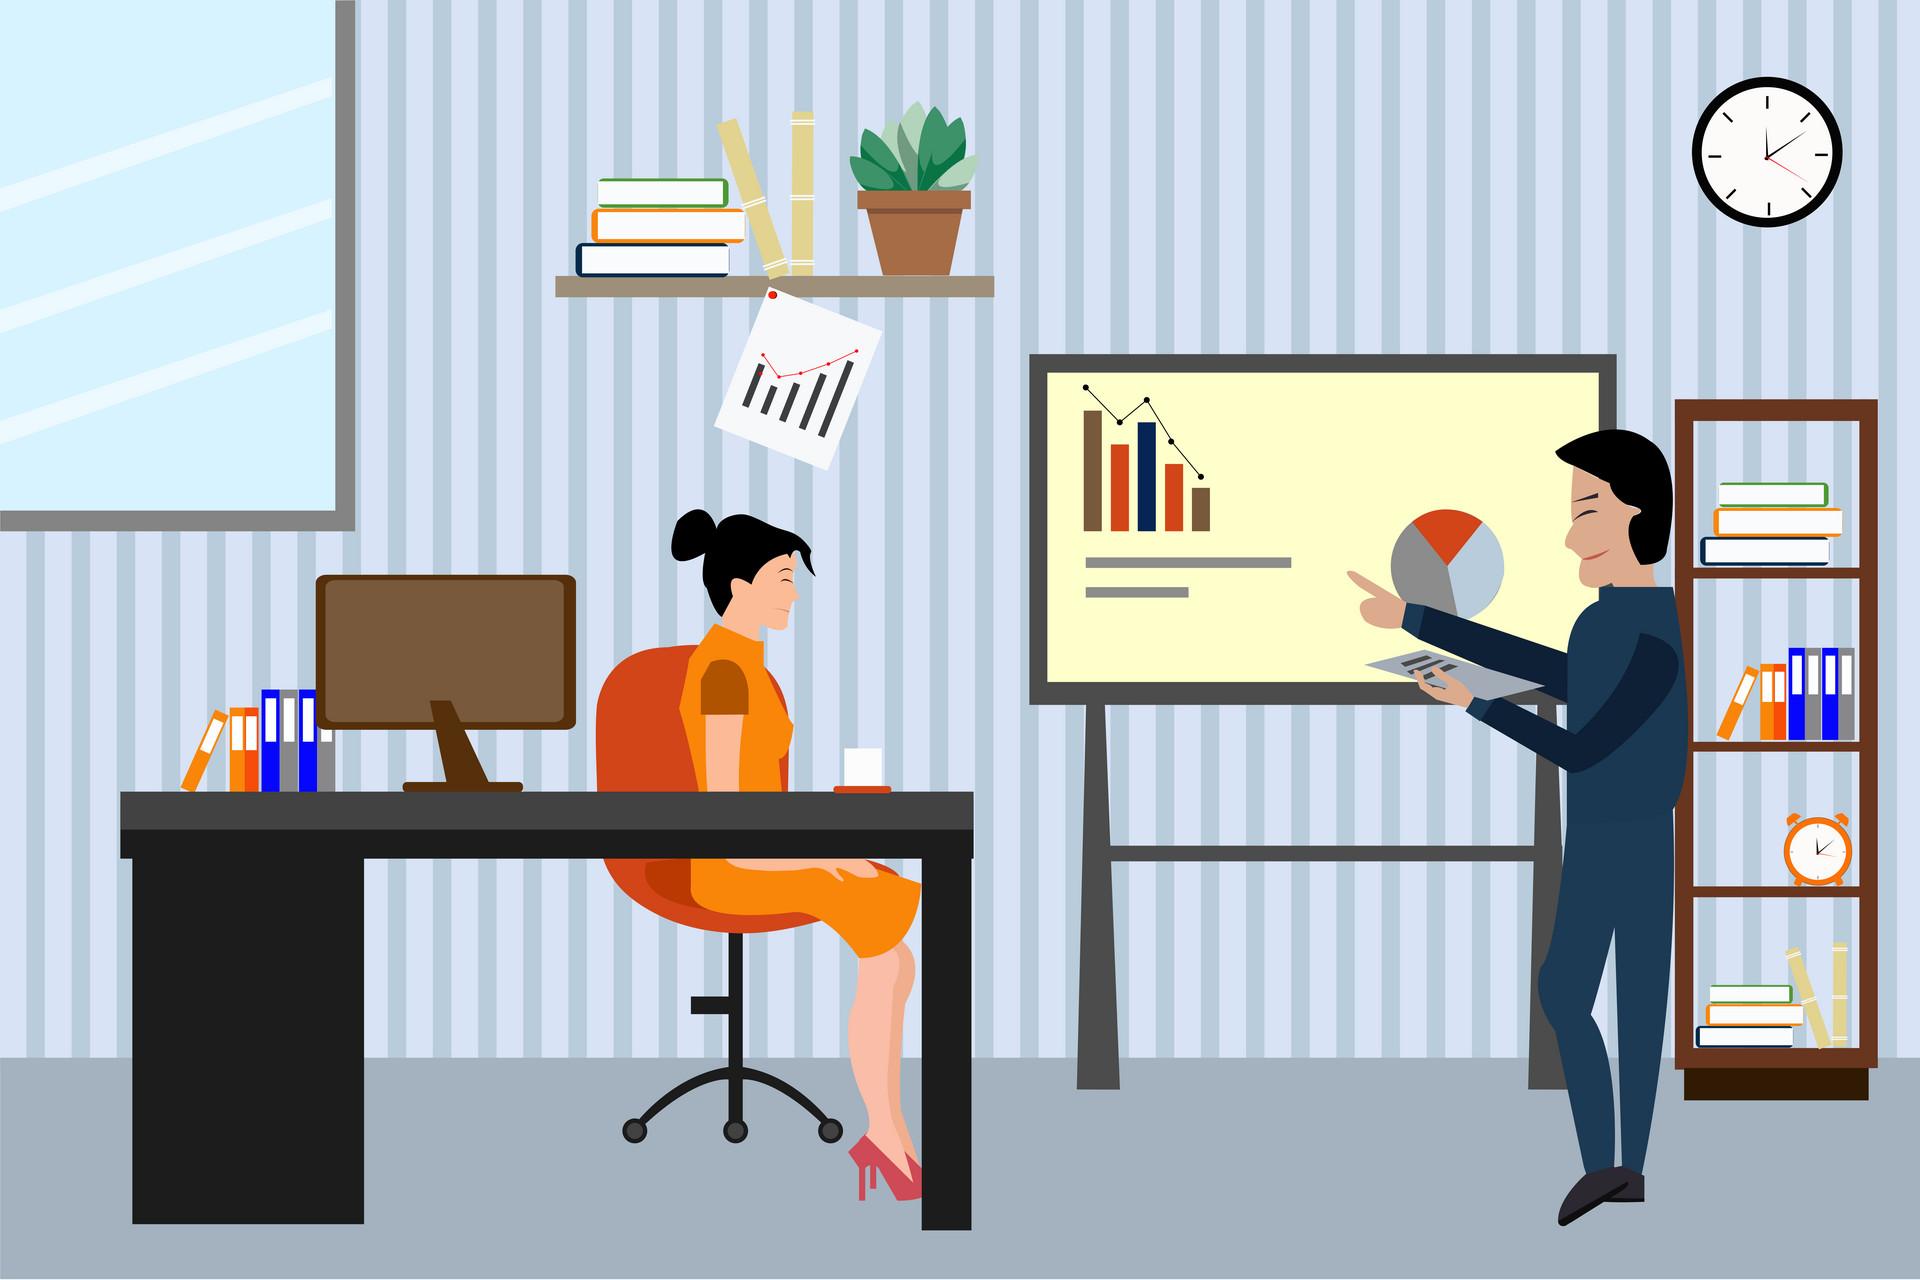 代发卡和薪资卡有什么区别?对员工有什么影响?